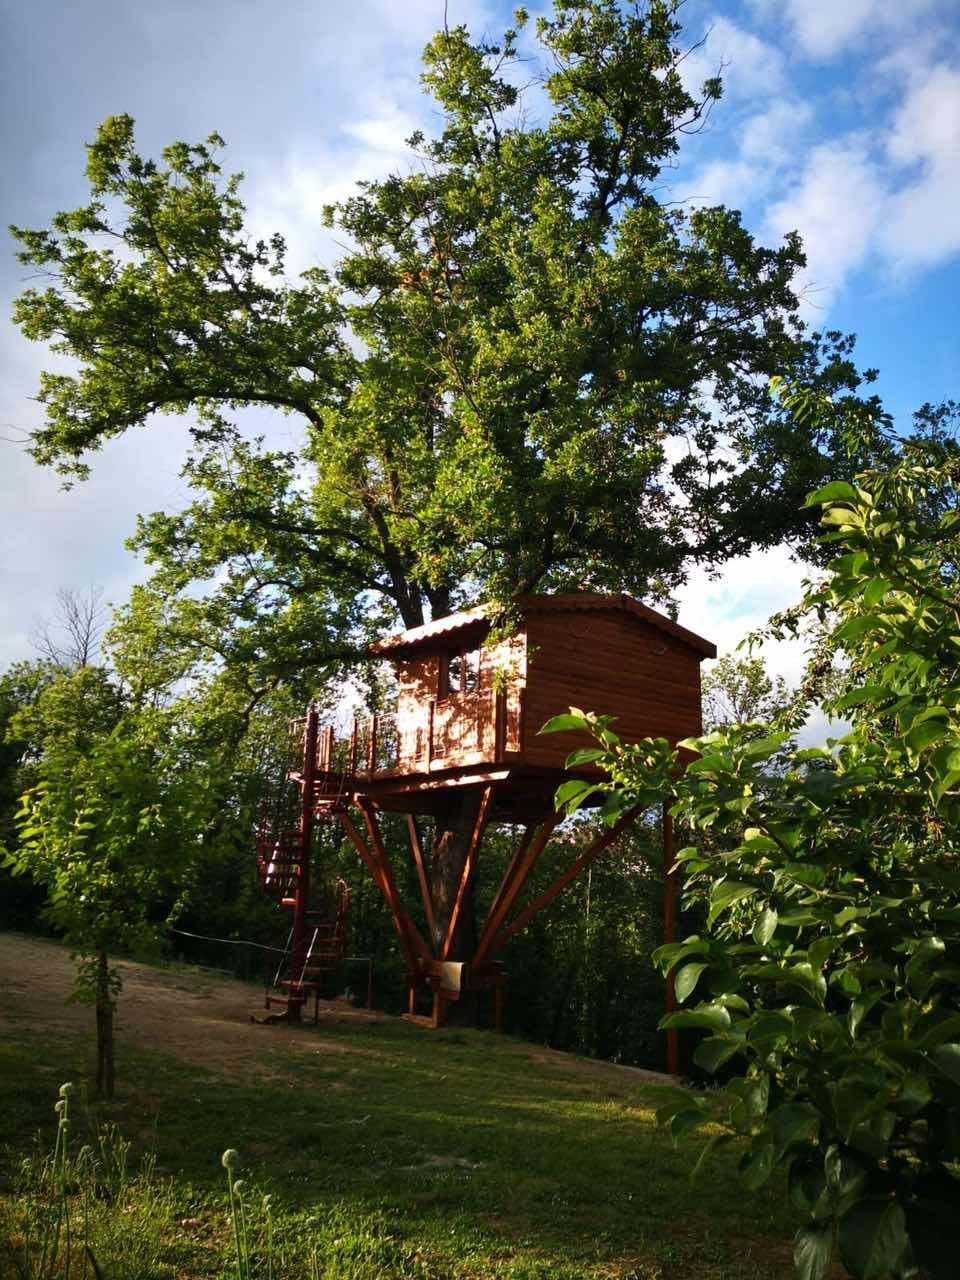 Casa sull'albero vista da lontano